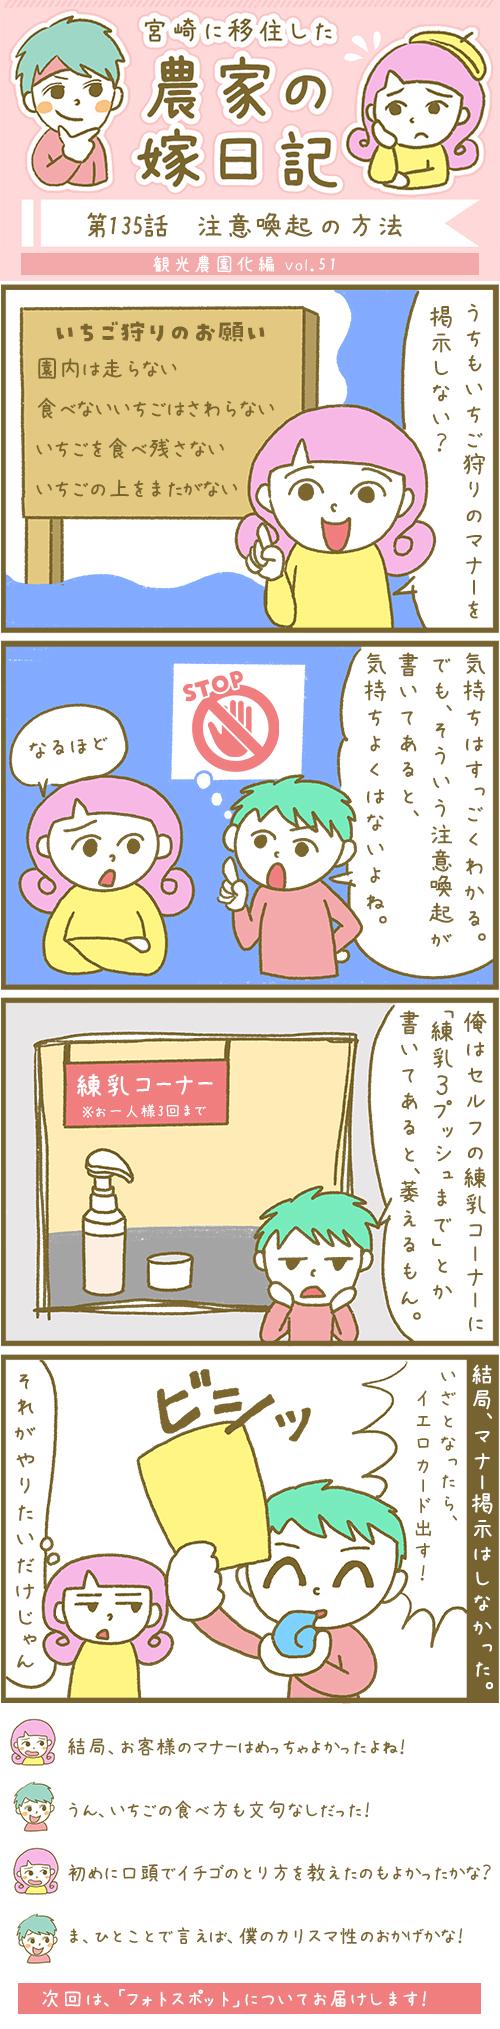 漫画第135話